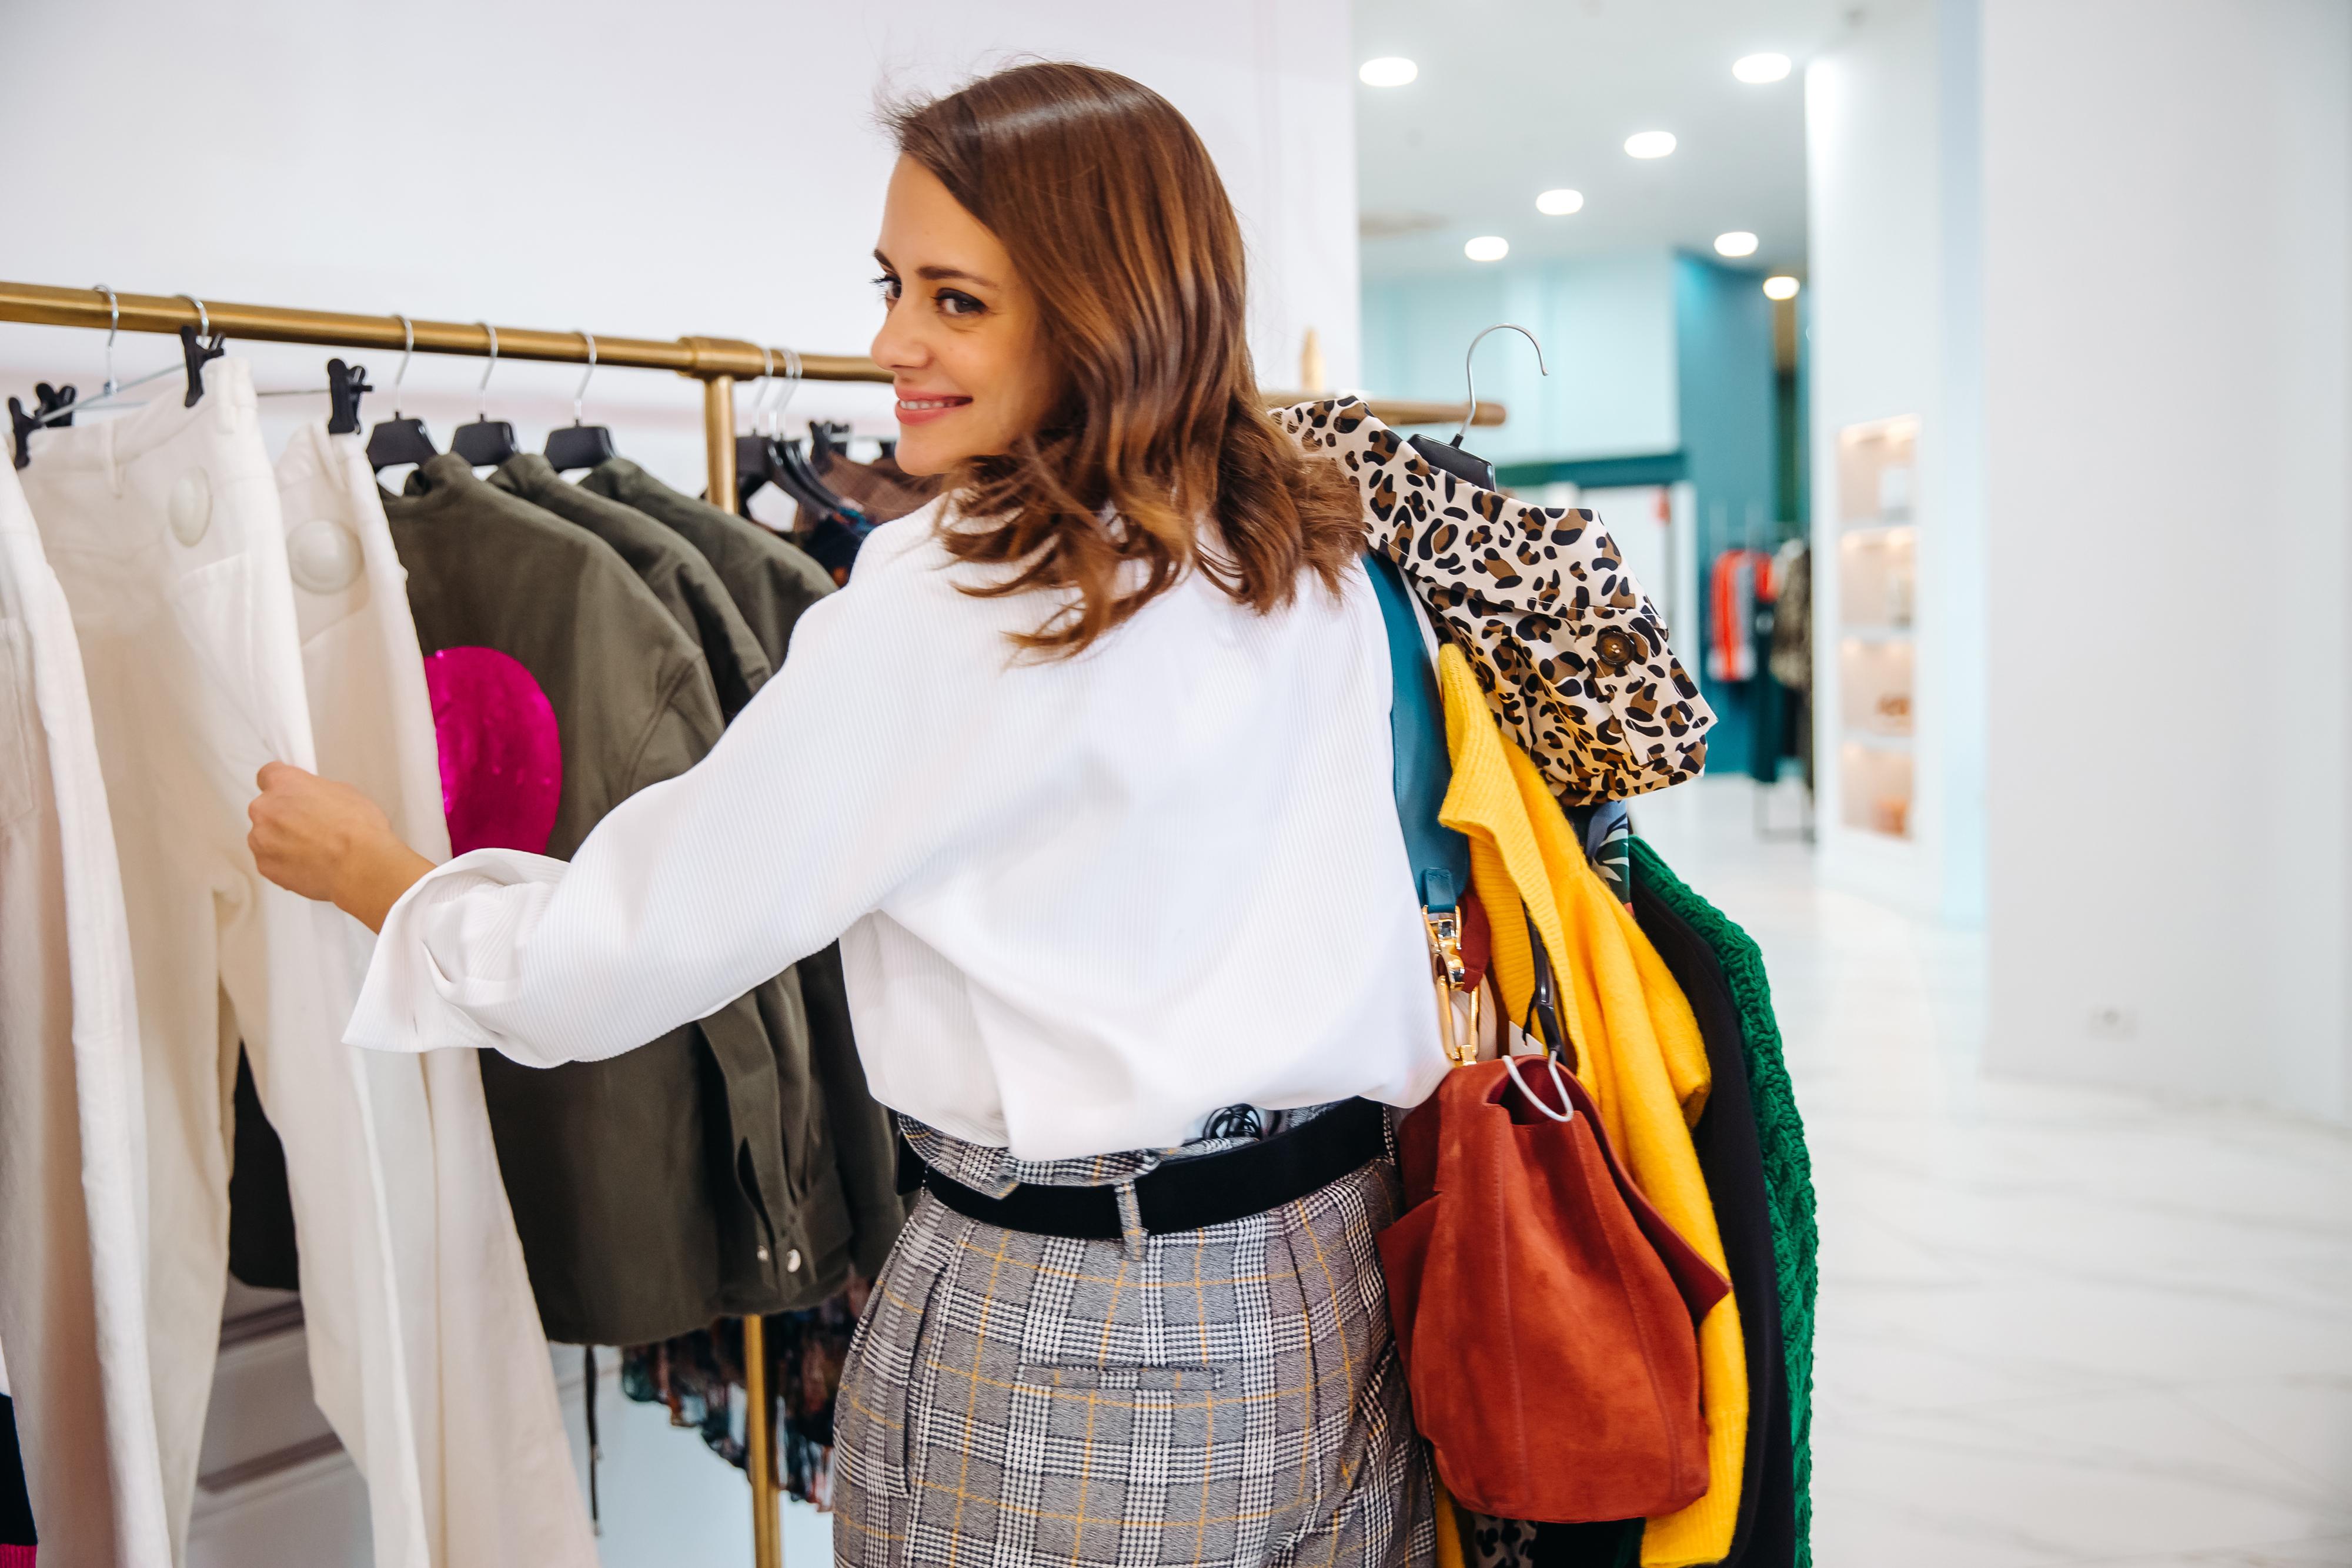 Разбор гардероба со стилистом в Москве